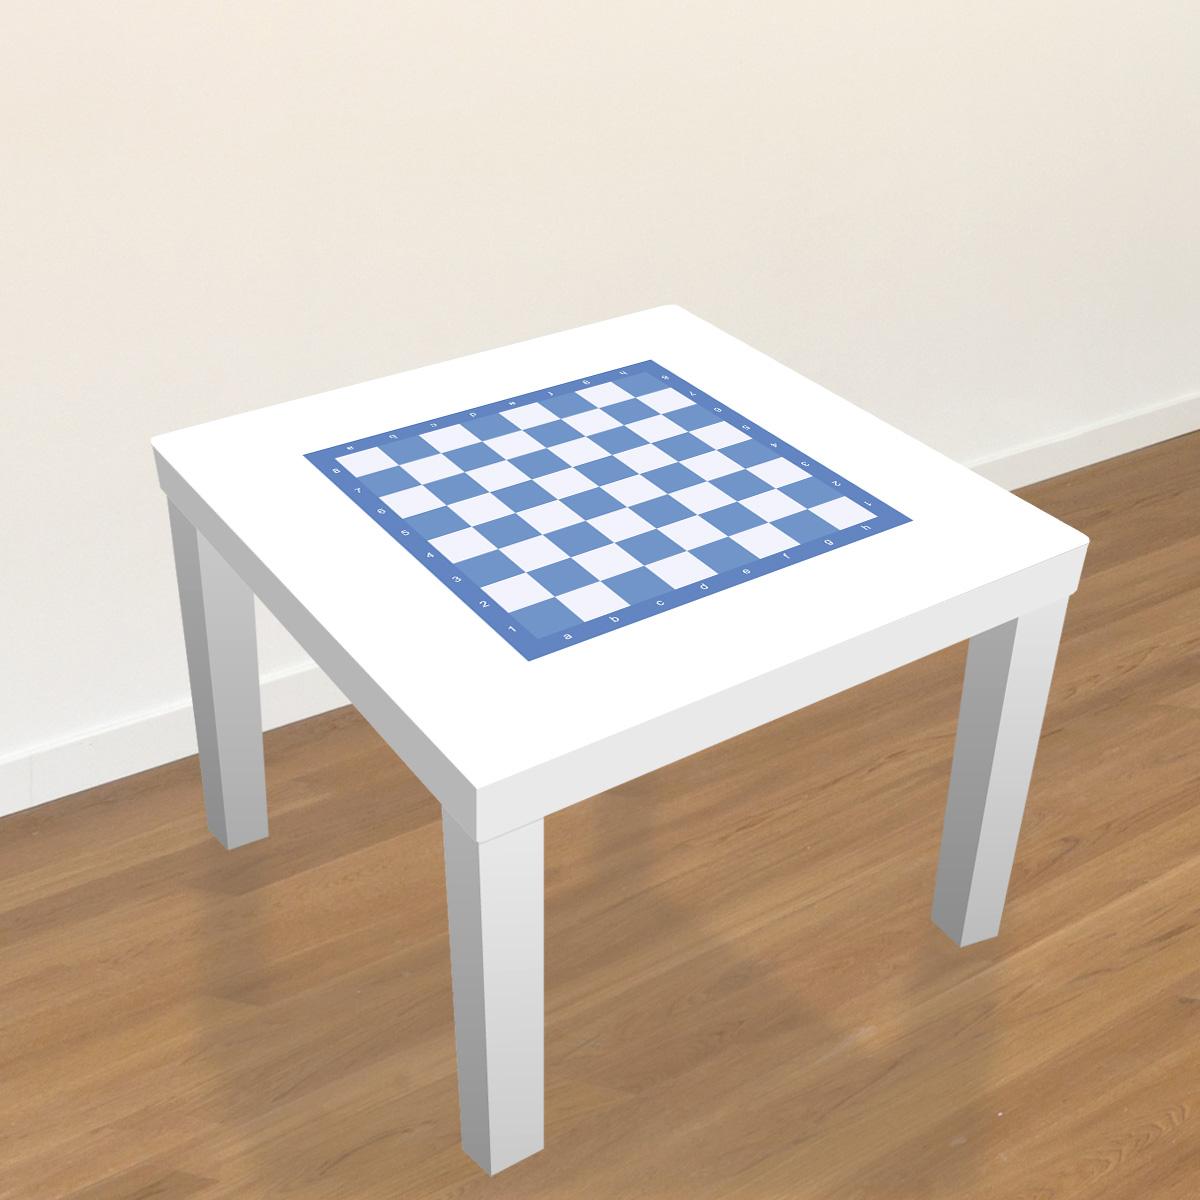 stickers meubles ikea stickers meubles ikea echiquier en bleu ambiance. Black Bedroom Furniture Sets. Home Design Ideas